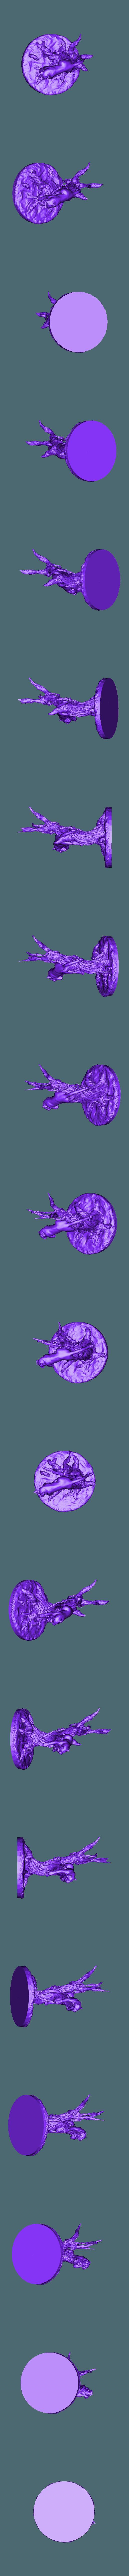 Leopard_na_dereve_statuya.stl Télécharger fichier STL gratuit Panthère noire sur un arbre • Modèle à imprimer en 3D, Boris3dStudio